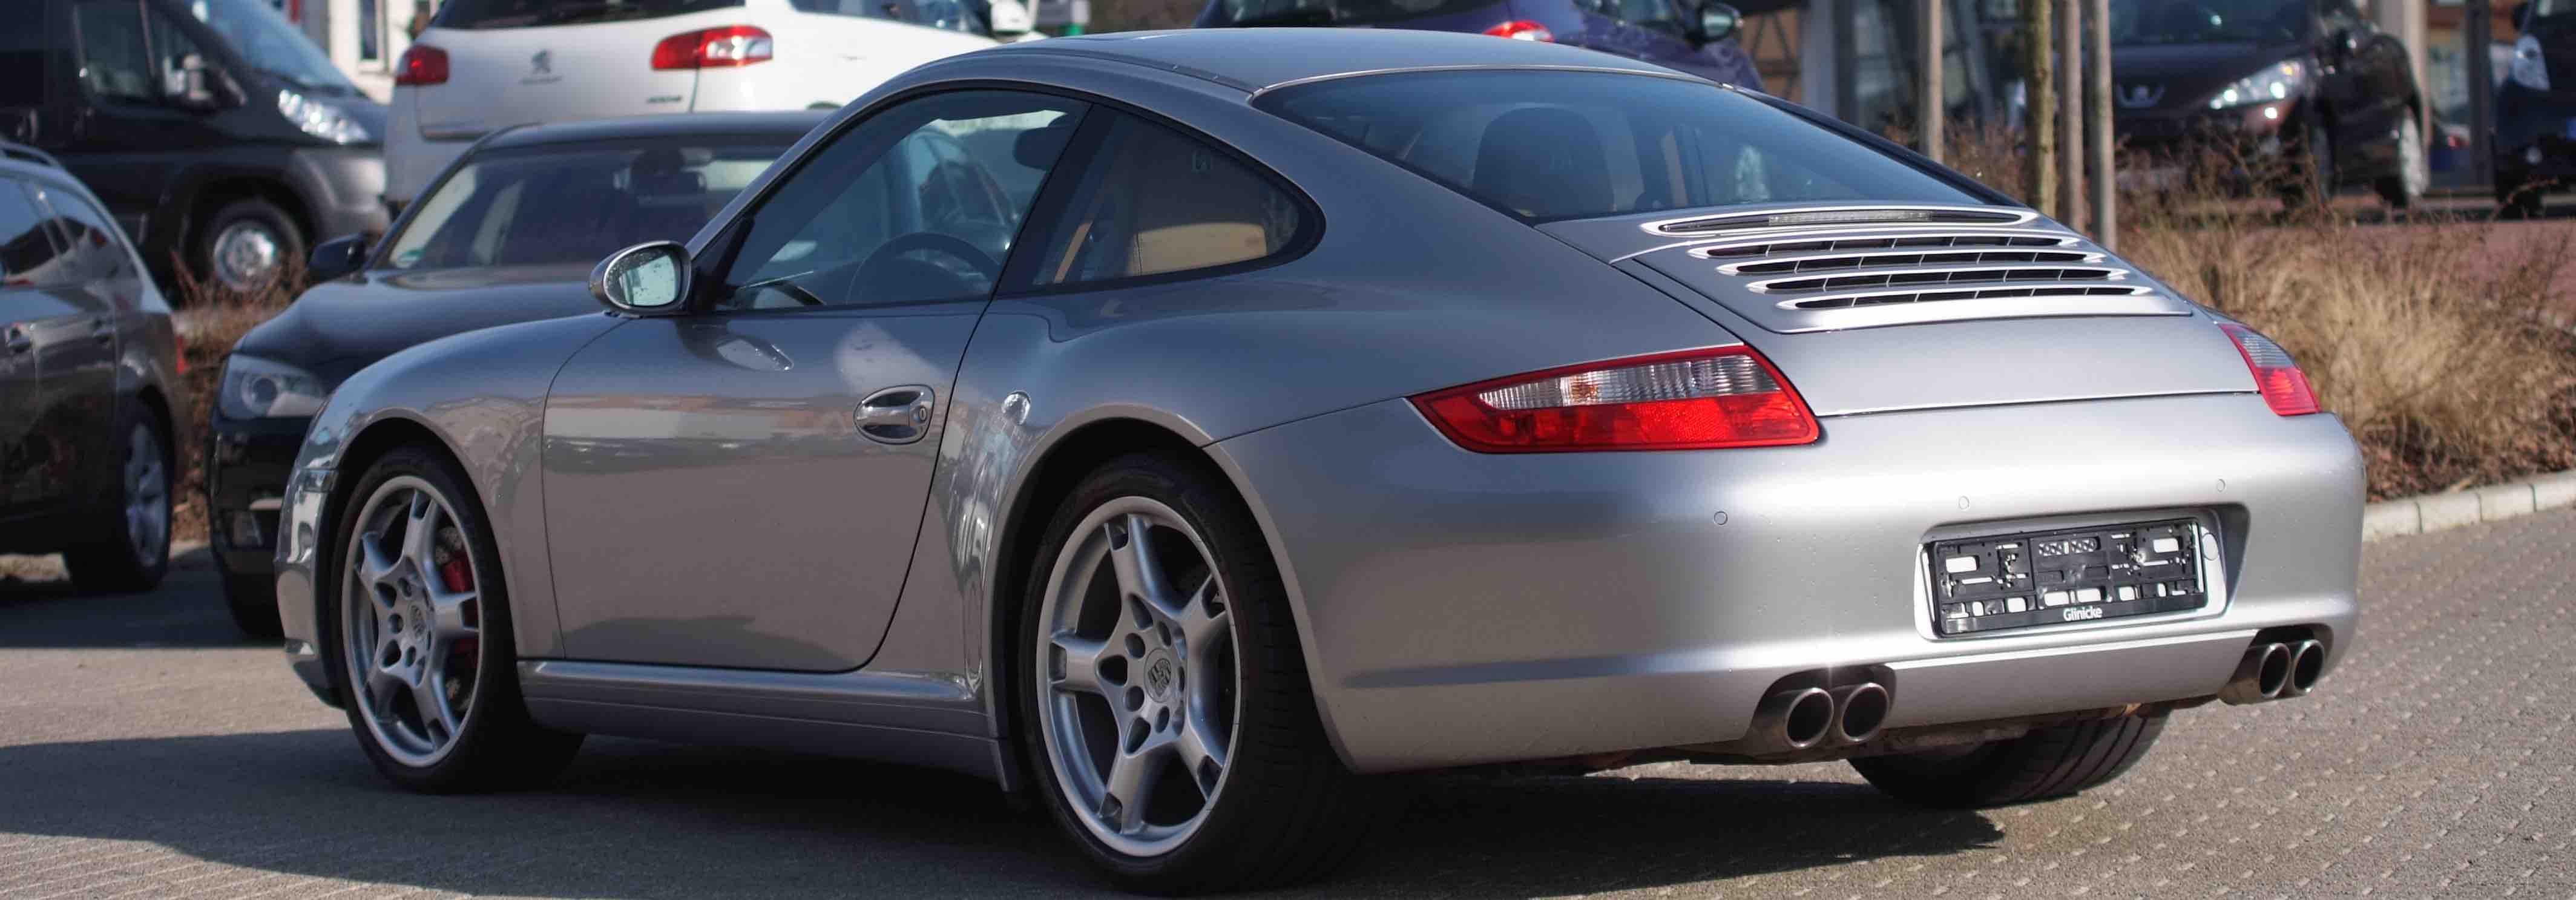 Porsche occasion 997 c4s coupe phase 1 Argent